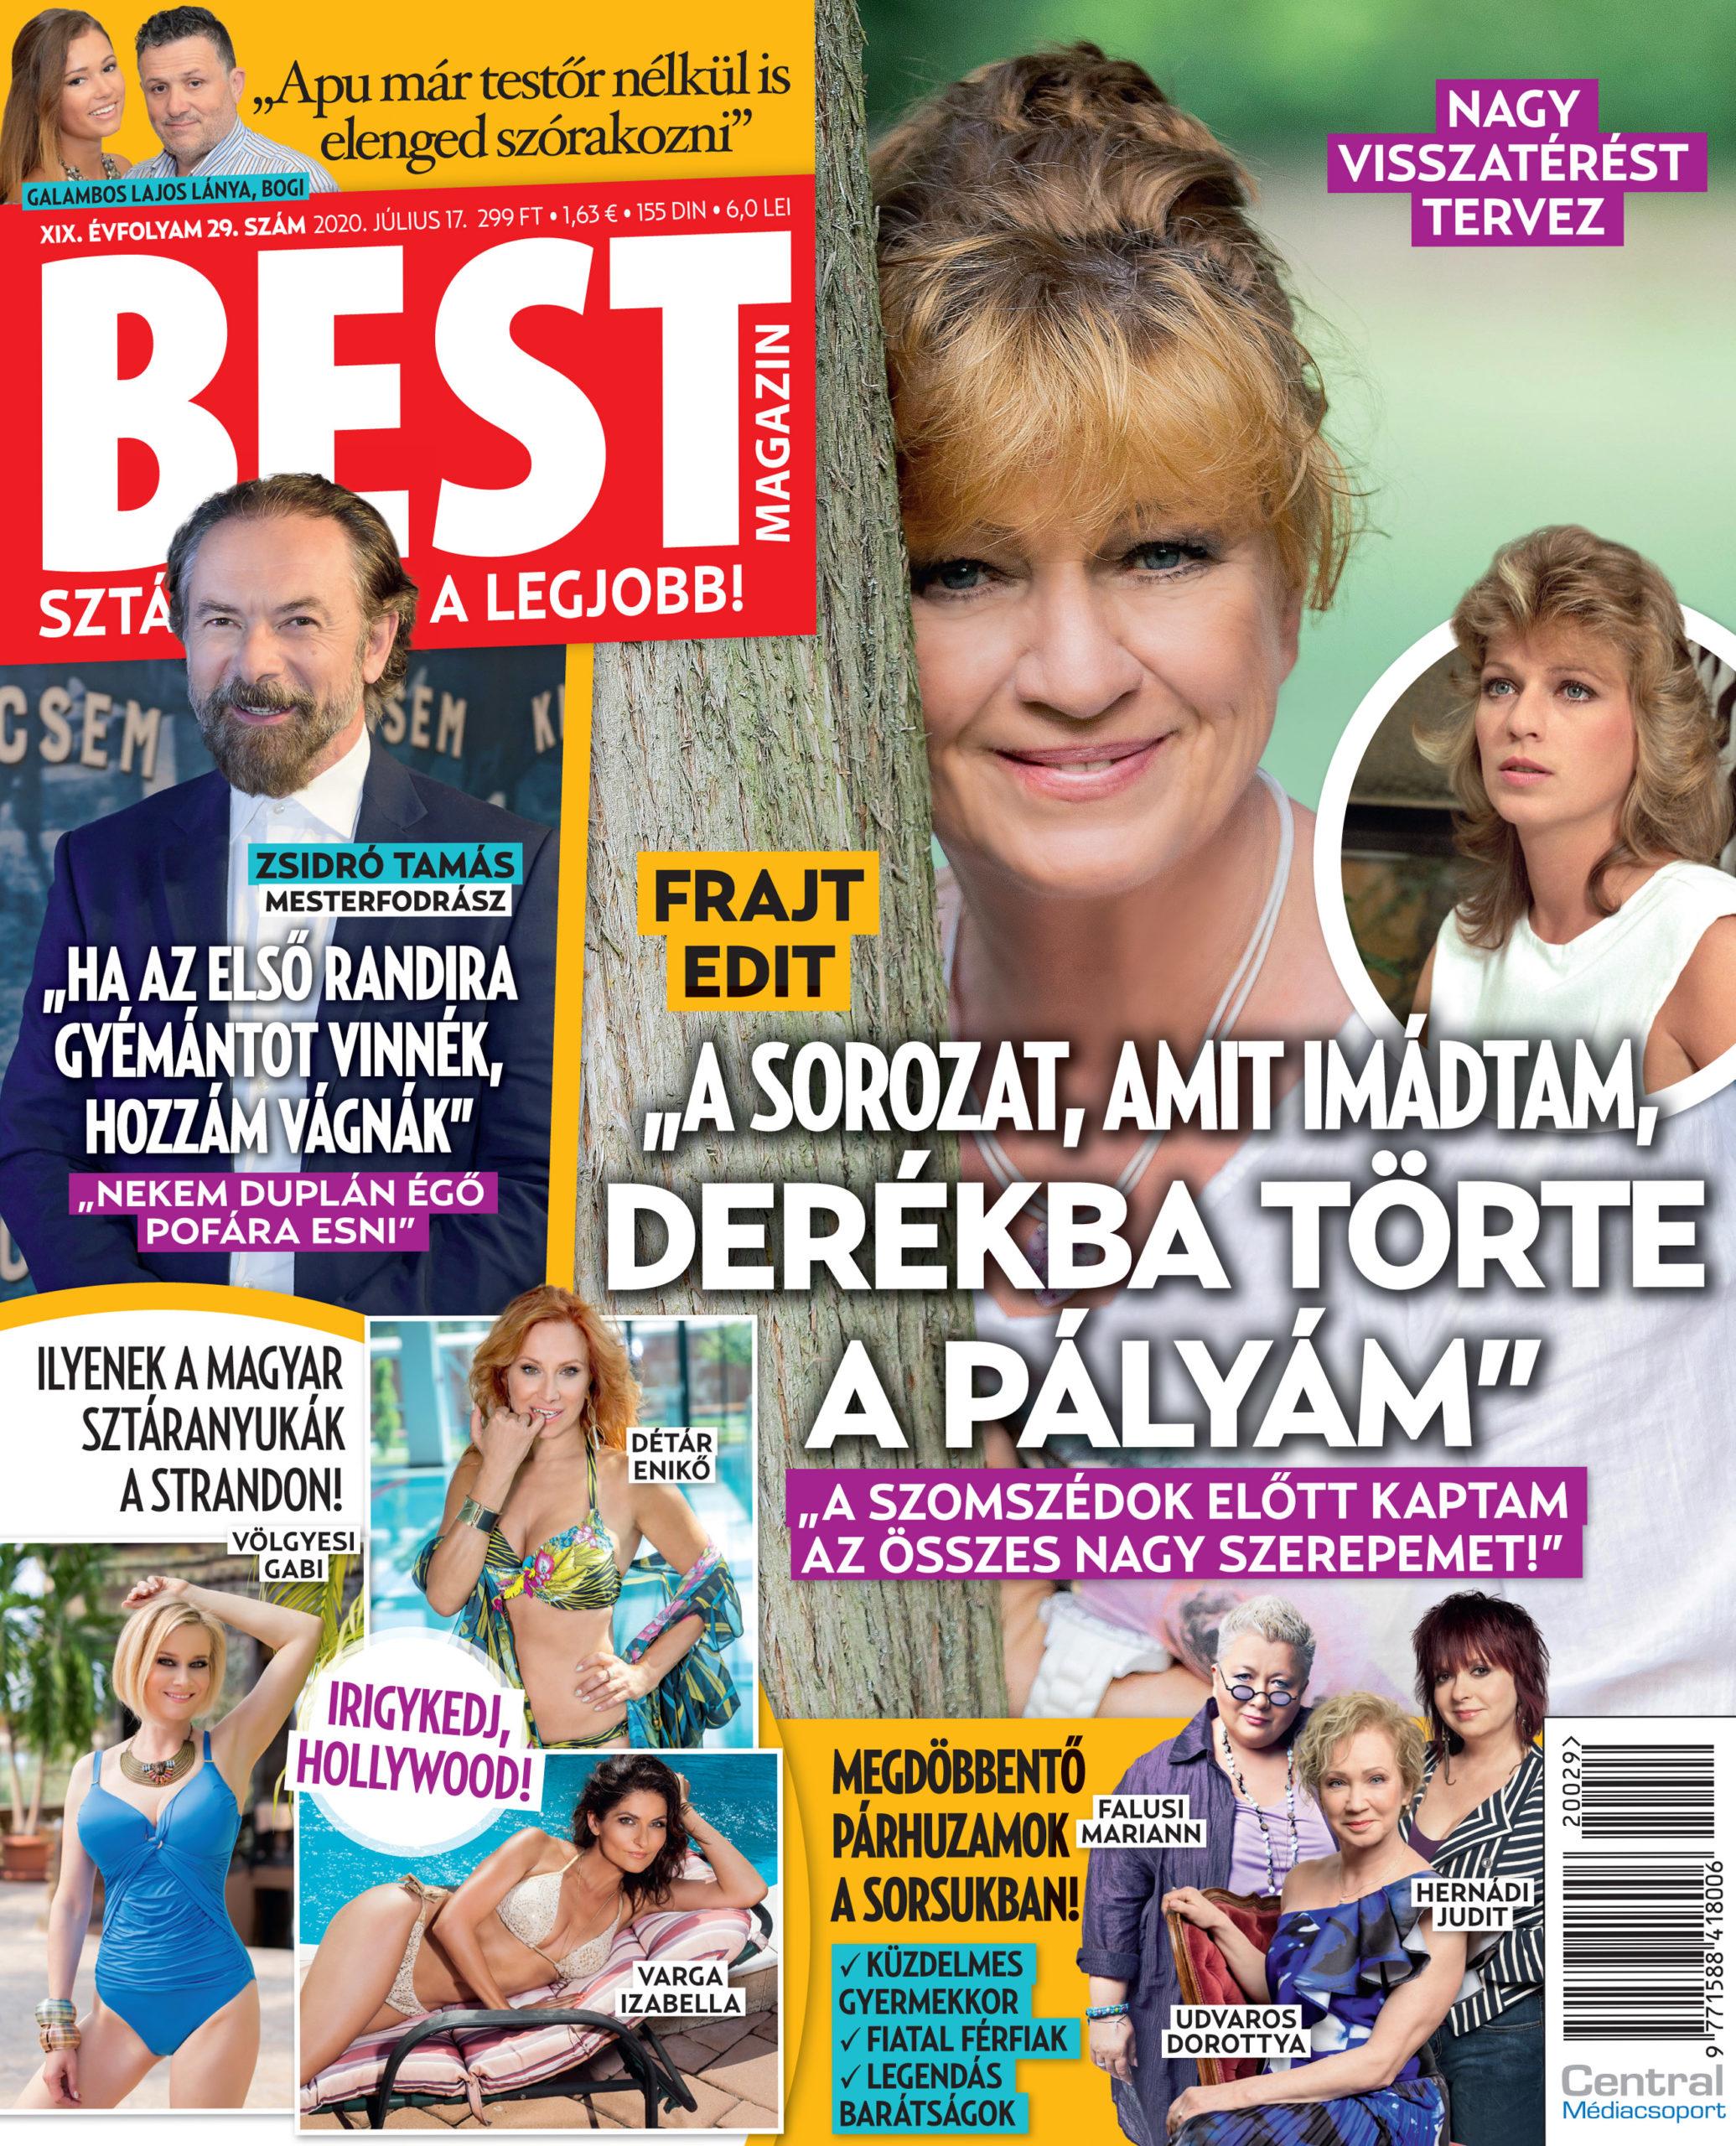 Az e heti Best címlapján: Frajt Edit, Zsidró Tamás